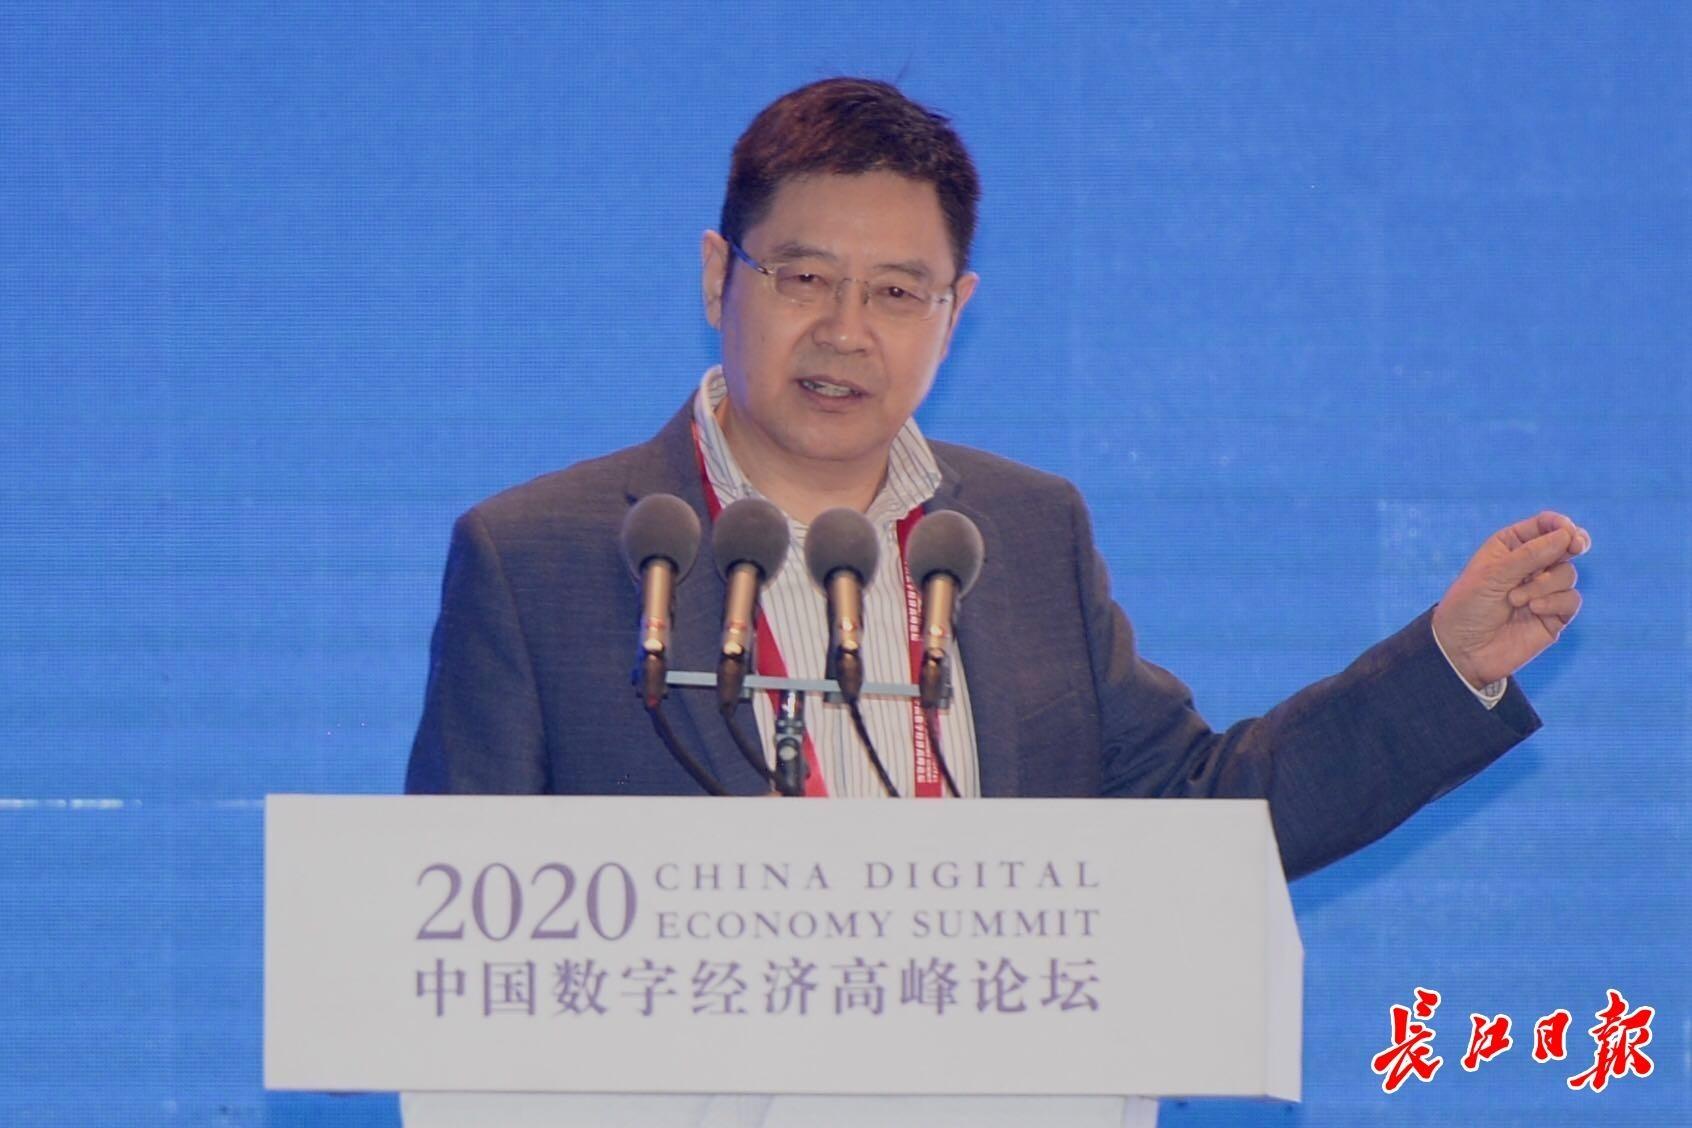 中国工程院院士、华中科技大学教授丁烈云:智能建造为武汉提供巨大机遇